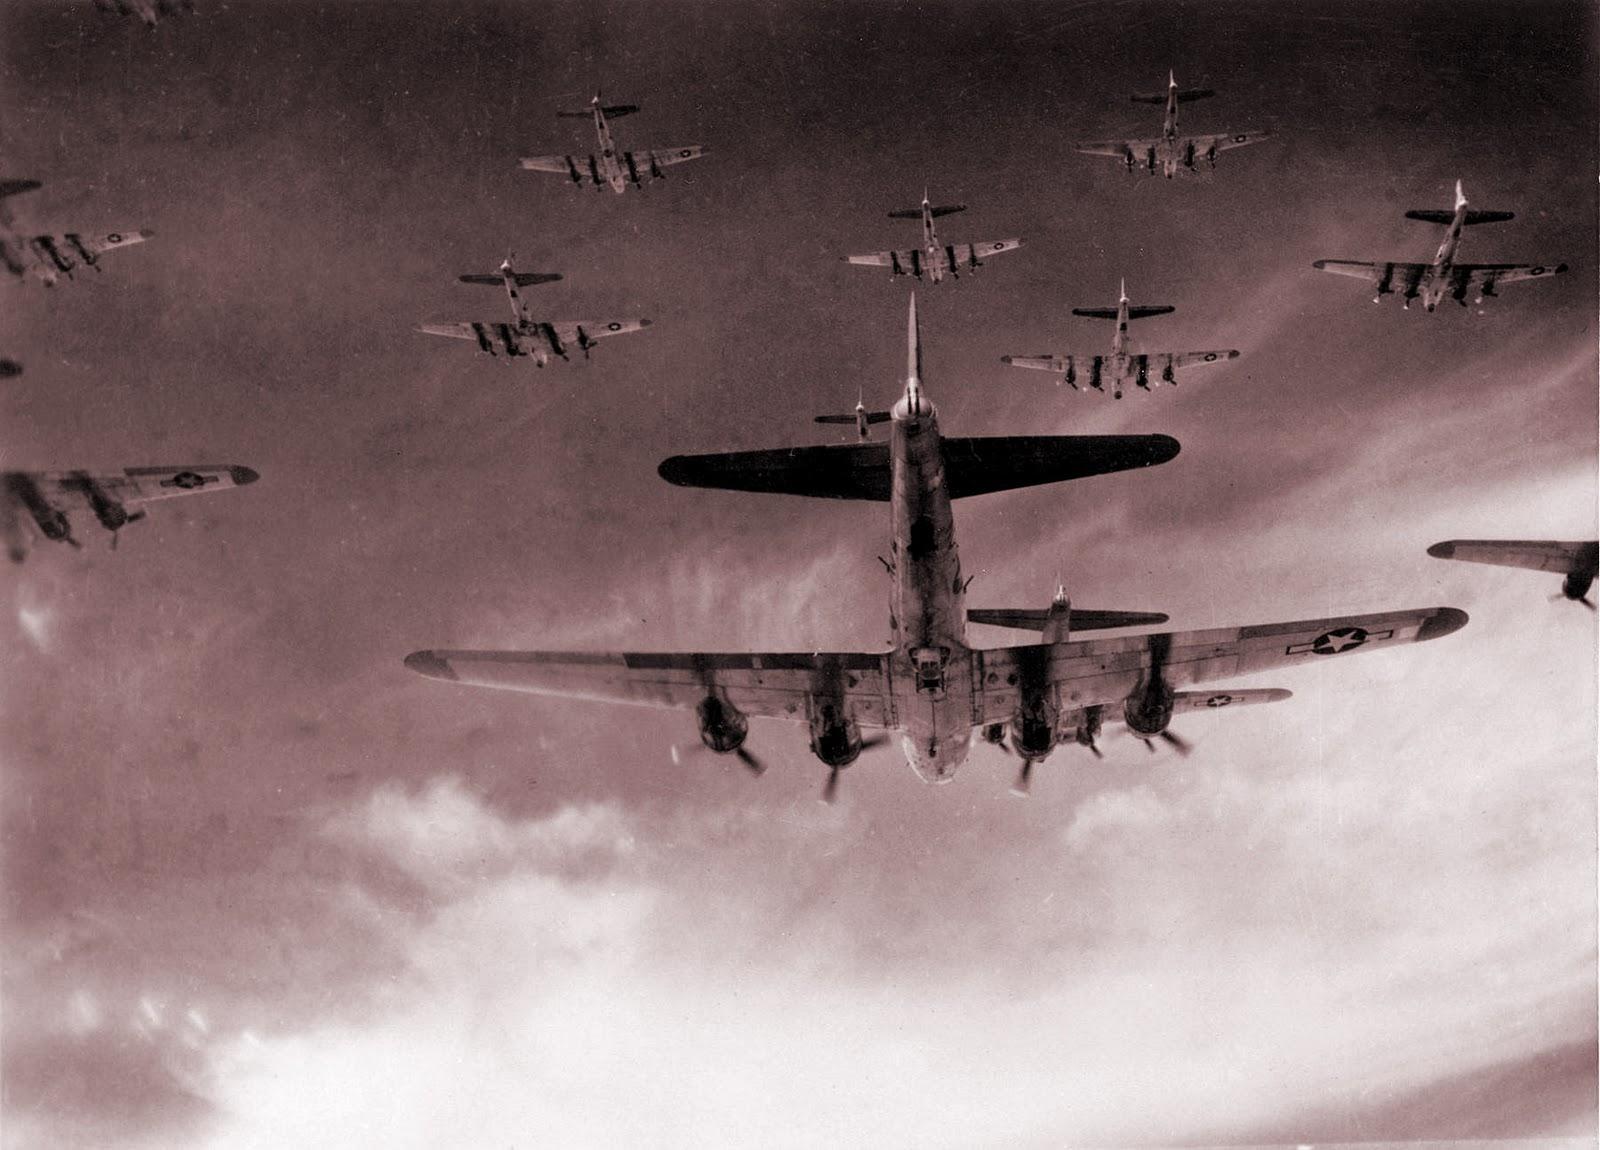 http://2.bp.blogspot.com/-amfyub4fhYs/Tq1IkvdAypI/AAAAAAAAAj8/VVa9avA5upA/s1600/World-War-2-040.jpg